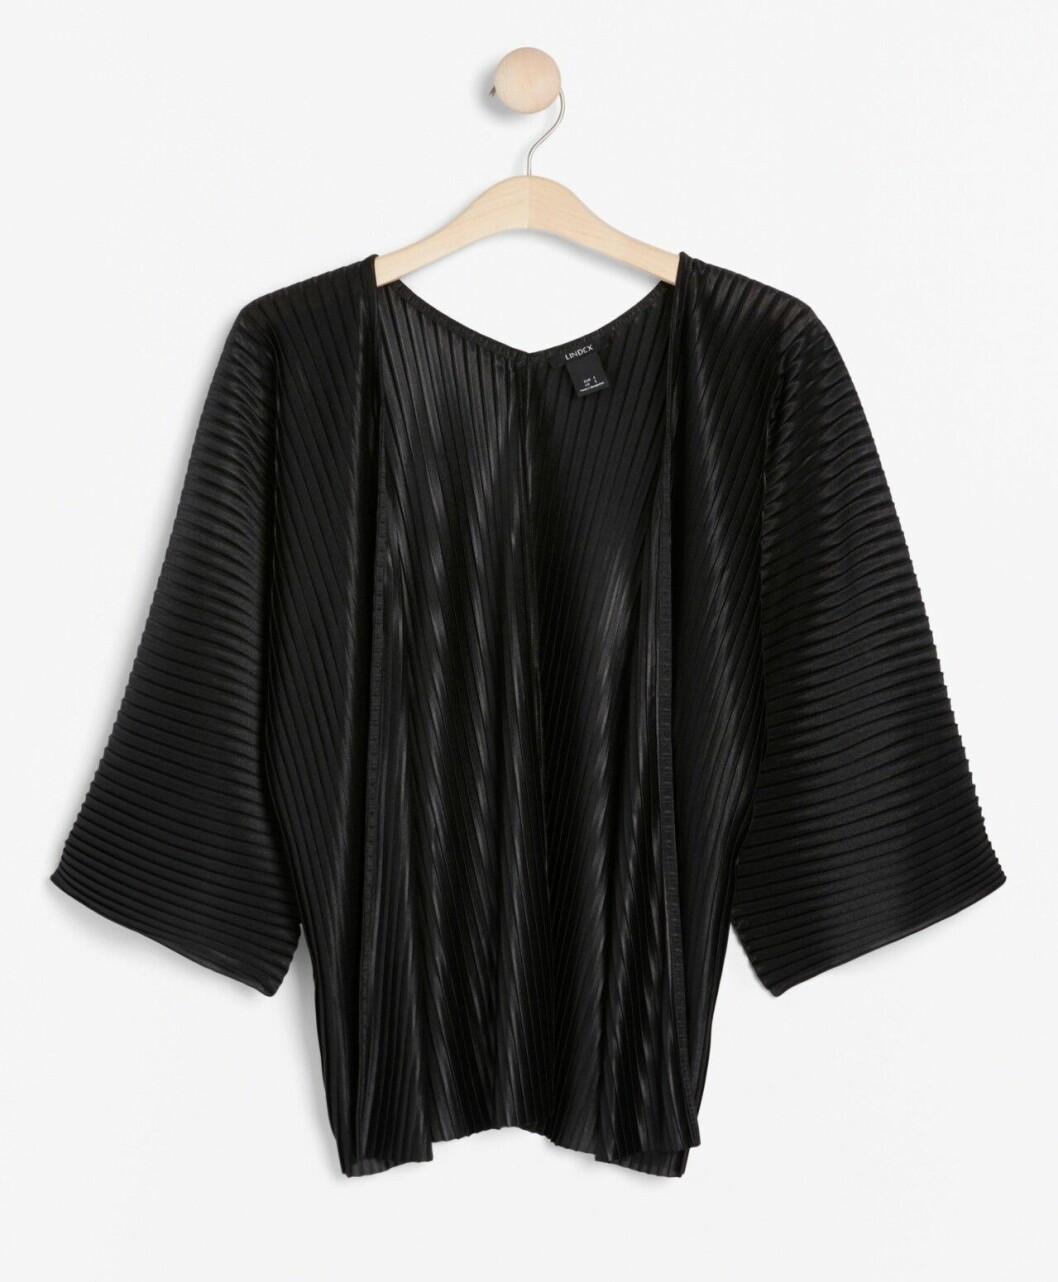 Matchande set: Svart plisserad jacka för dam